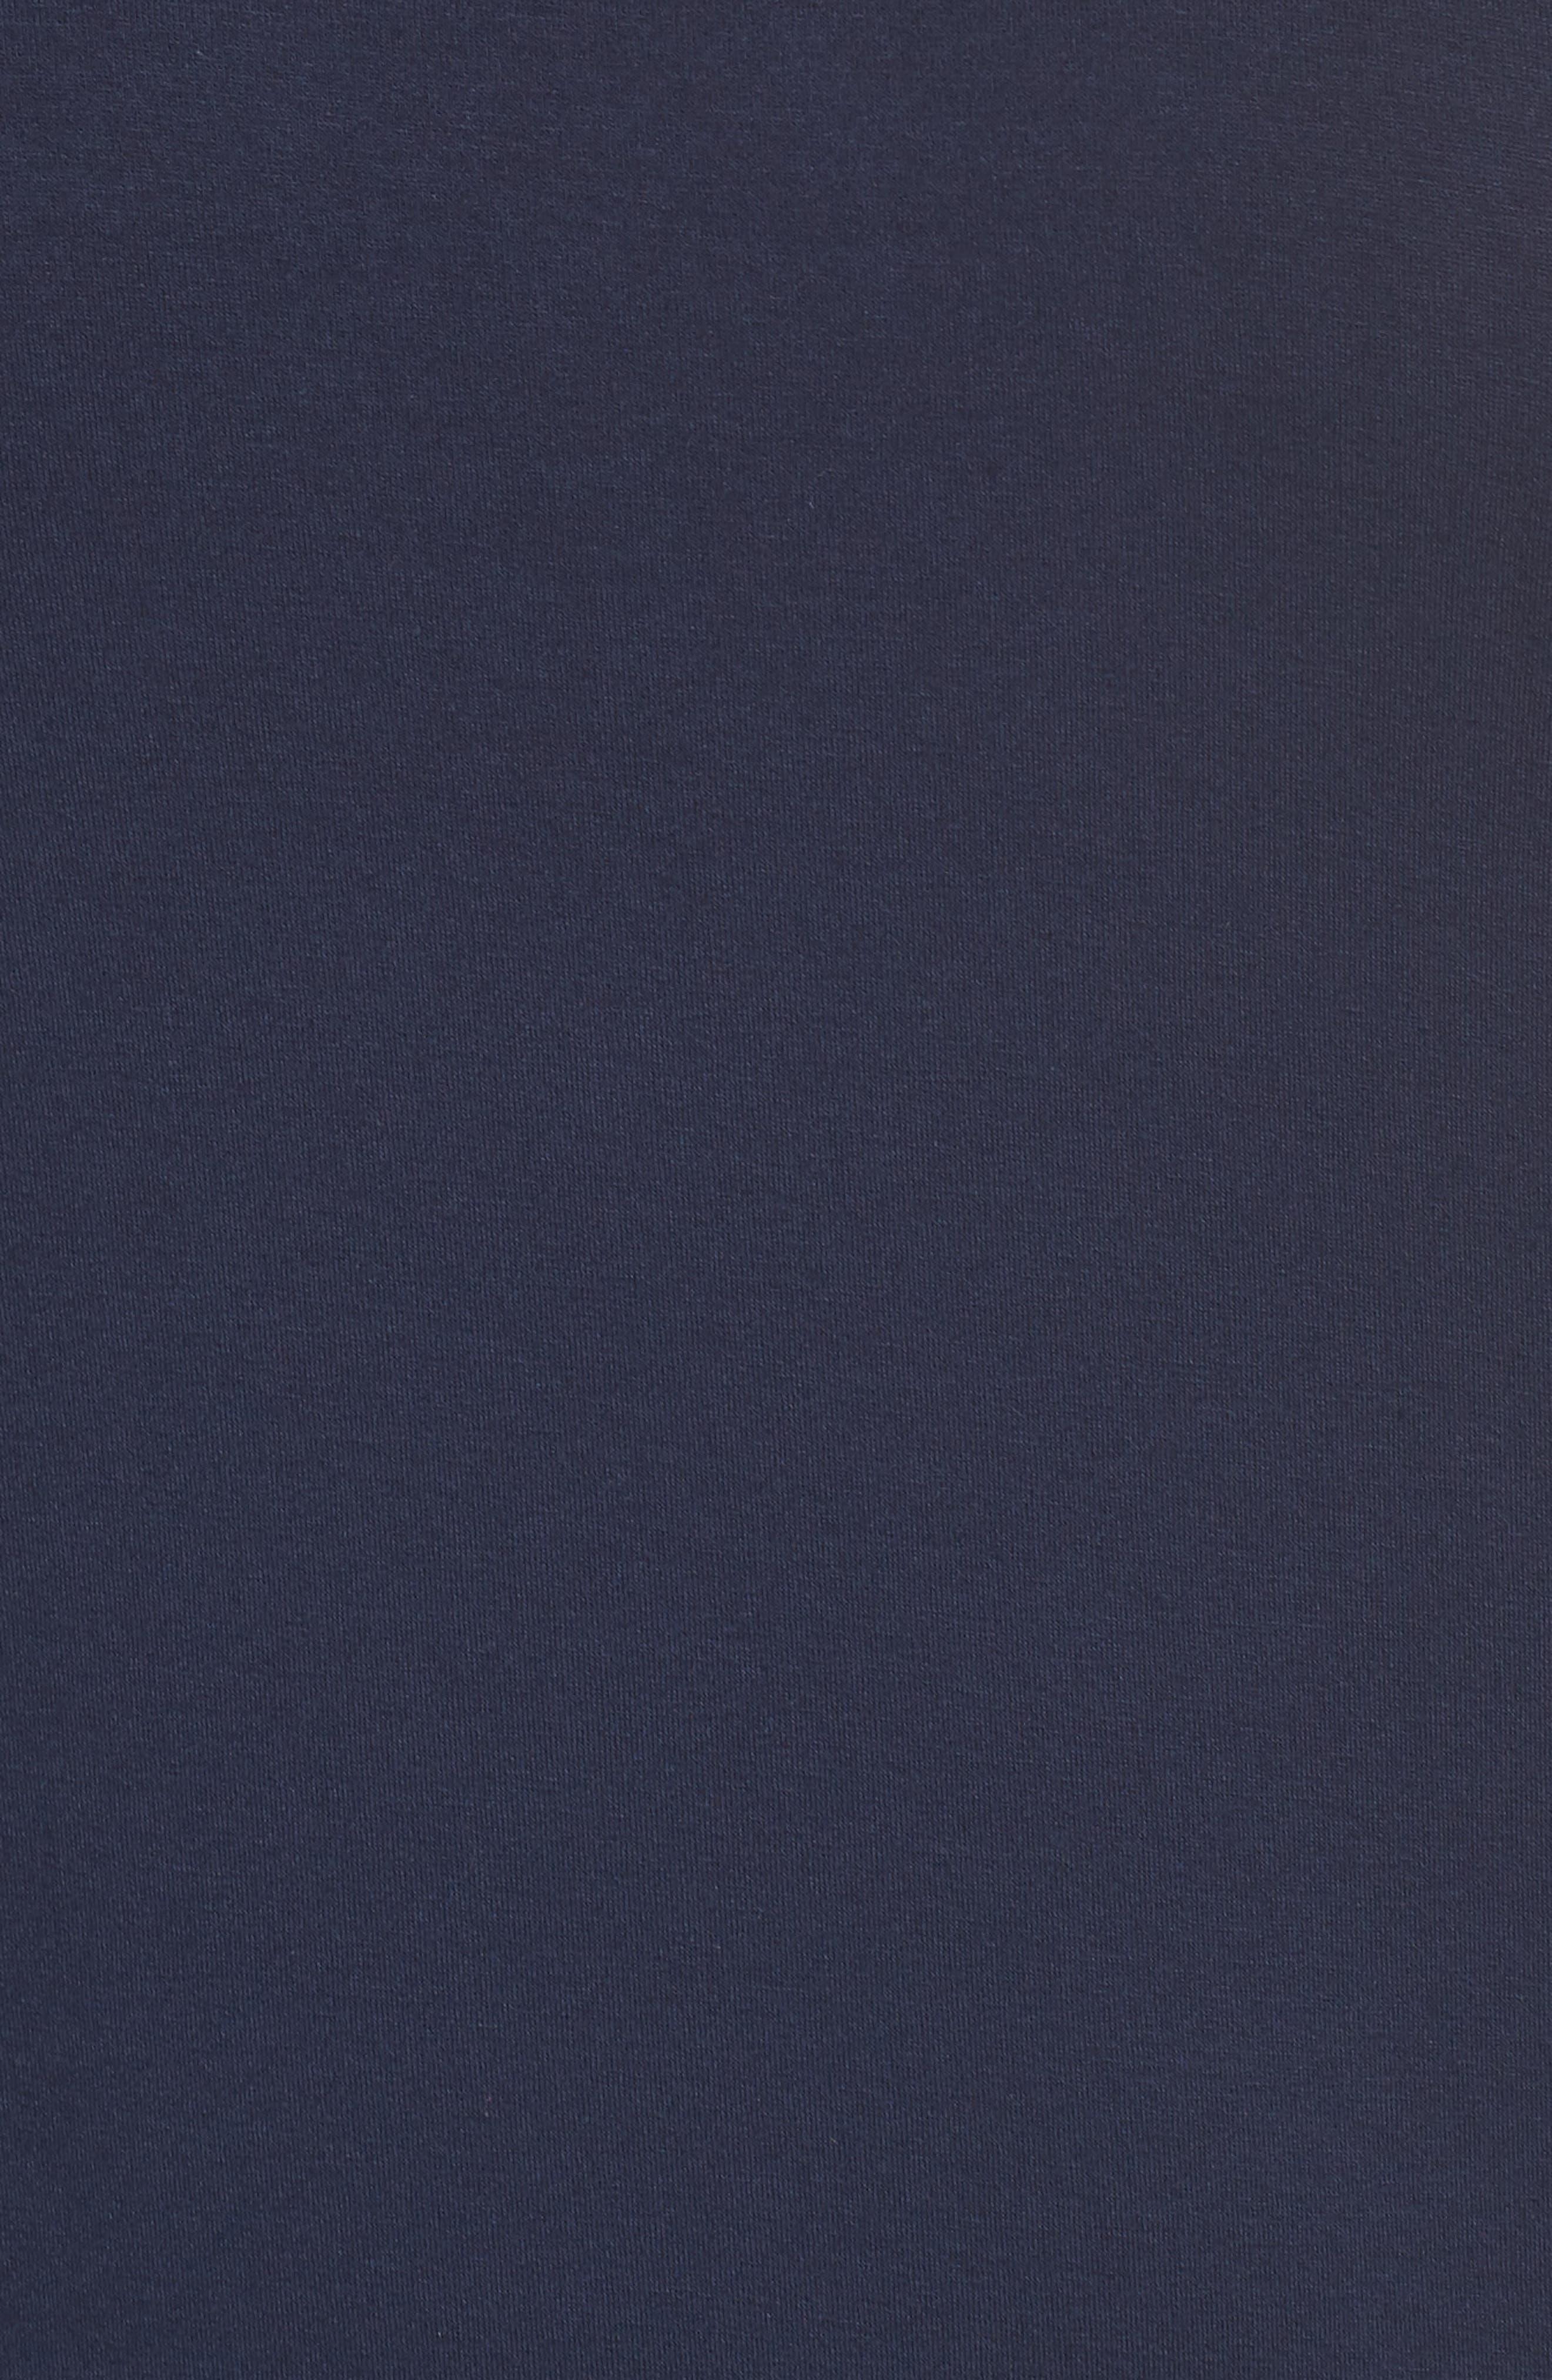 VINCE CAMUTO,                             Lace-Up Shoulder T-Shirt Dress,                             Alternate thumbnail 6, color,                             461